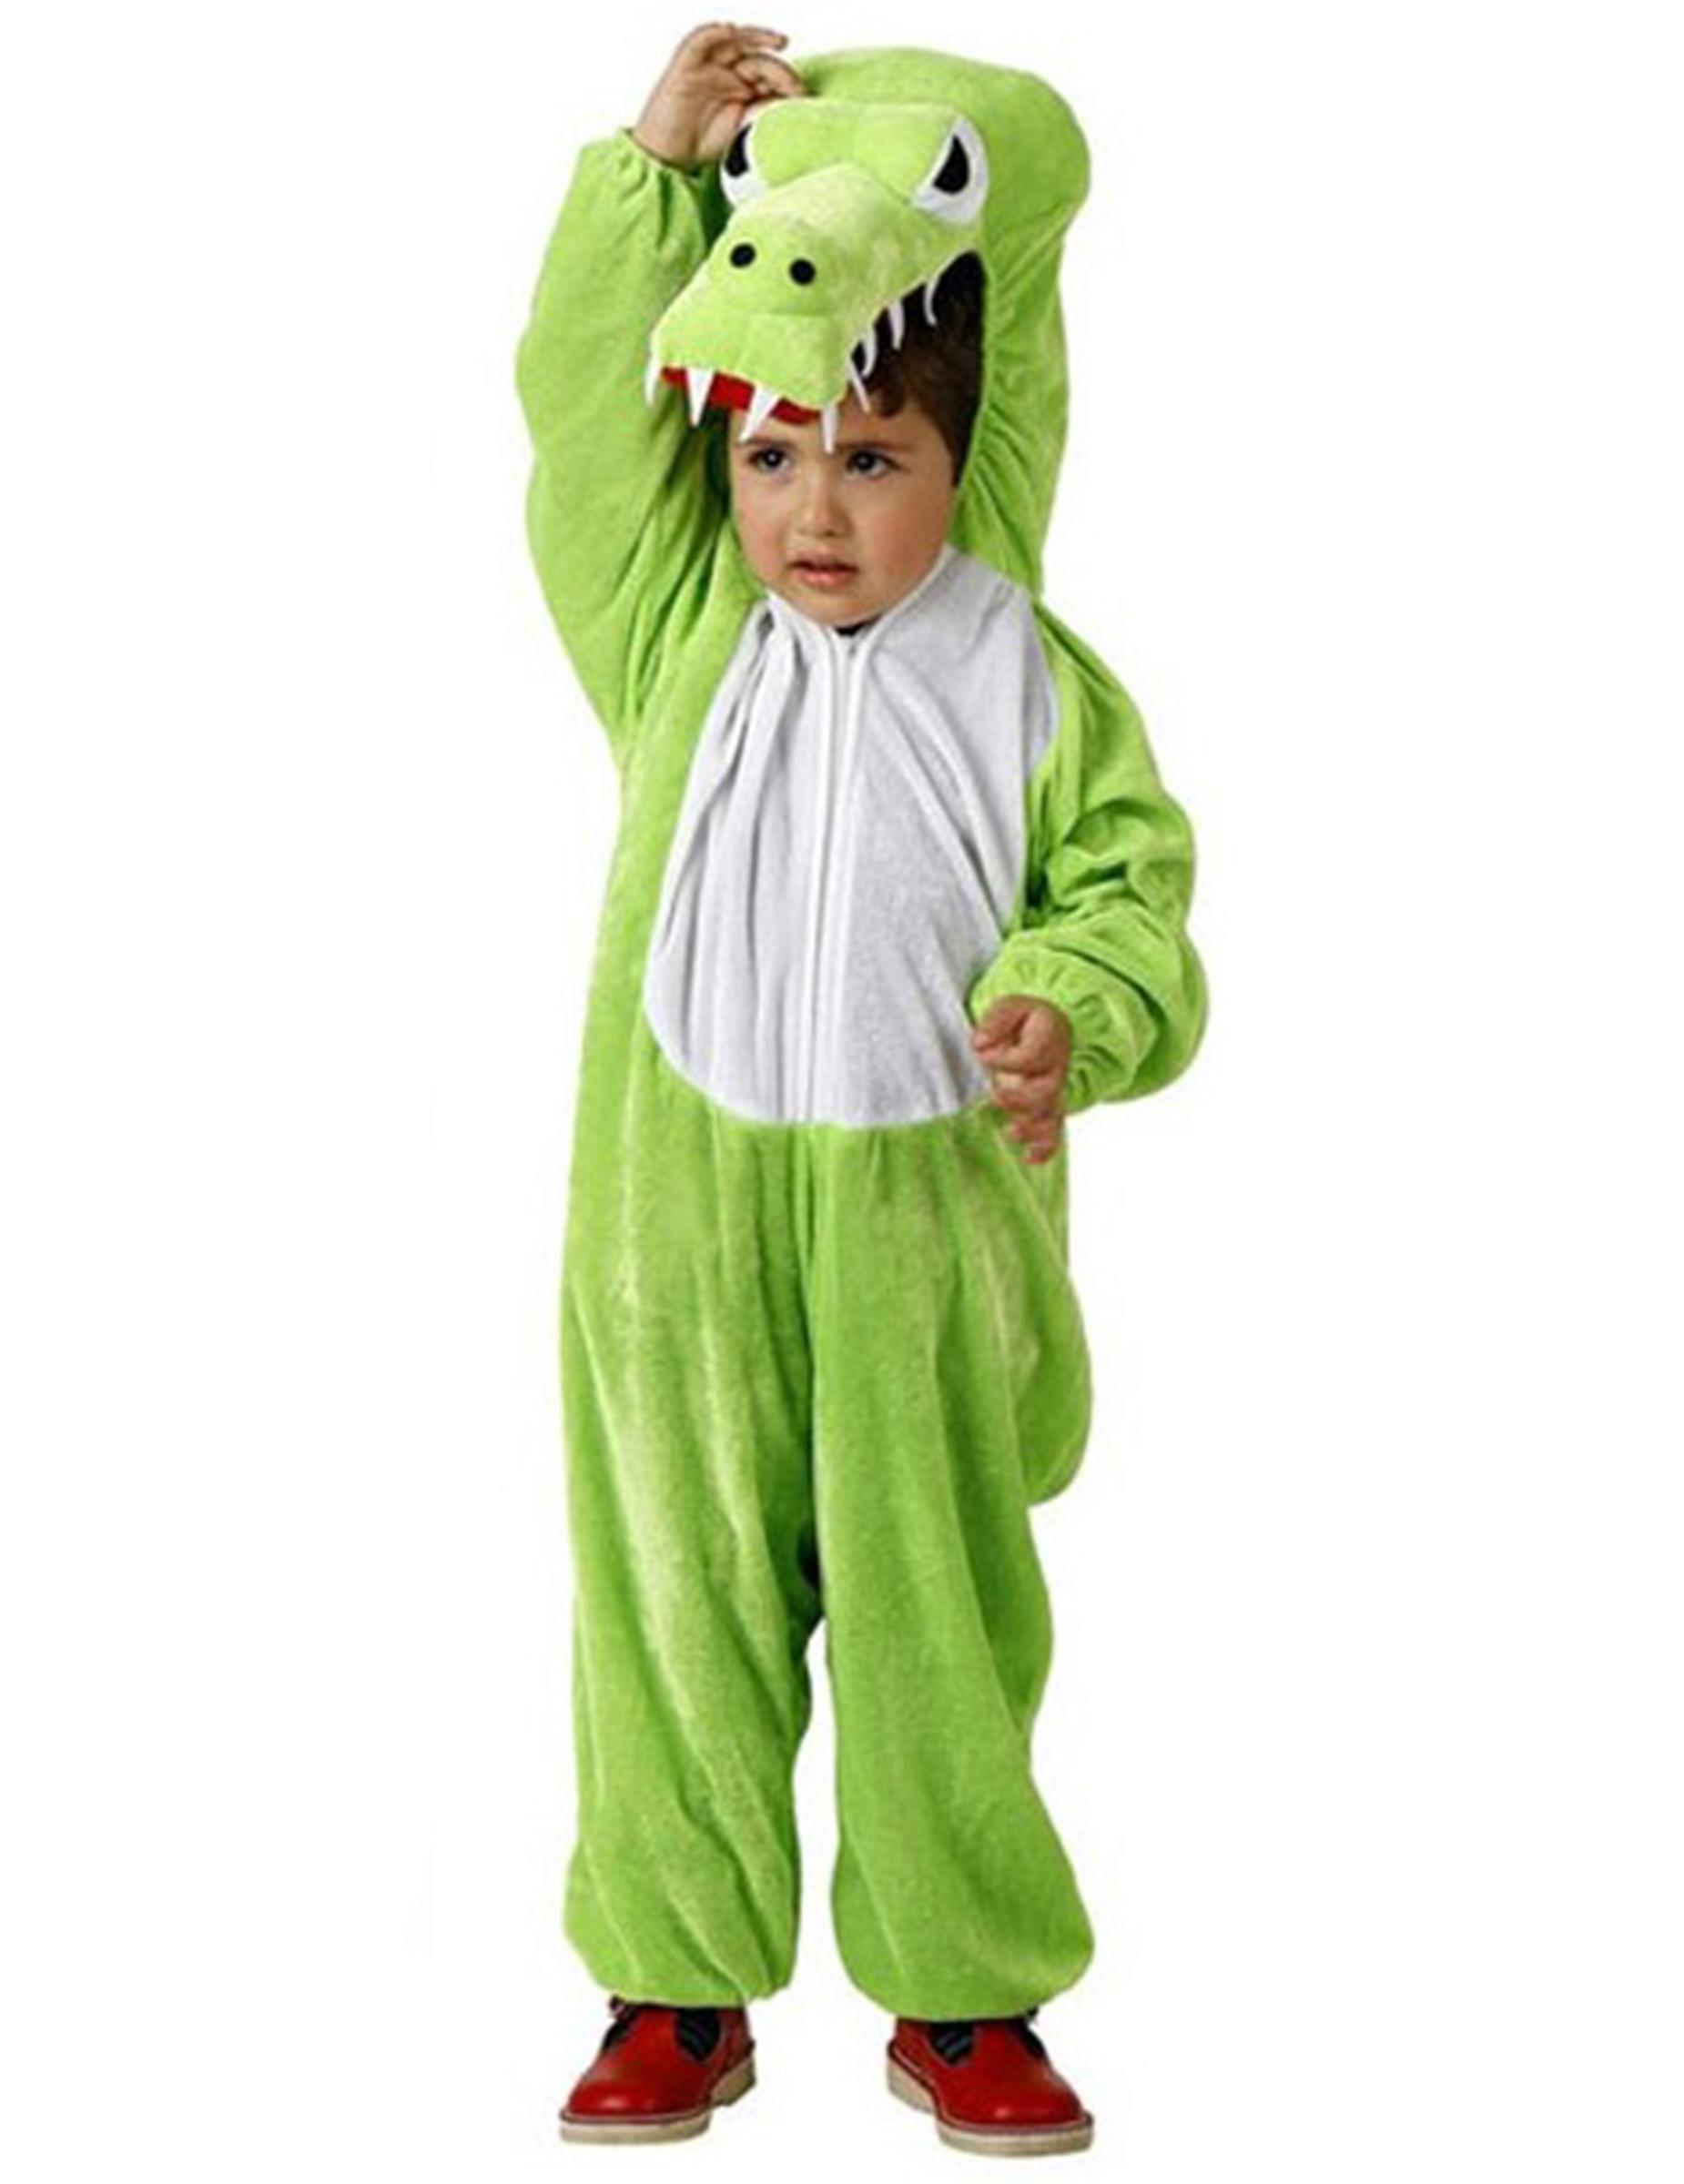 http://cdn.deguisetoi.fr/images/rep_articles/gra/de/deguisement-de-crocodile-pour-enfant.jpg